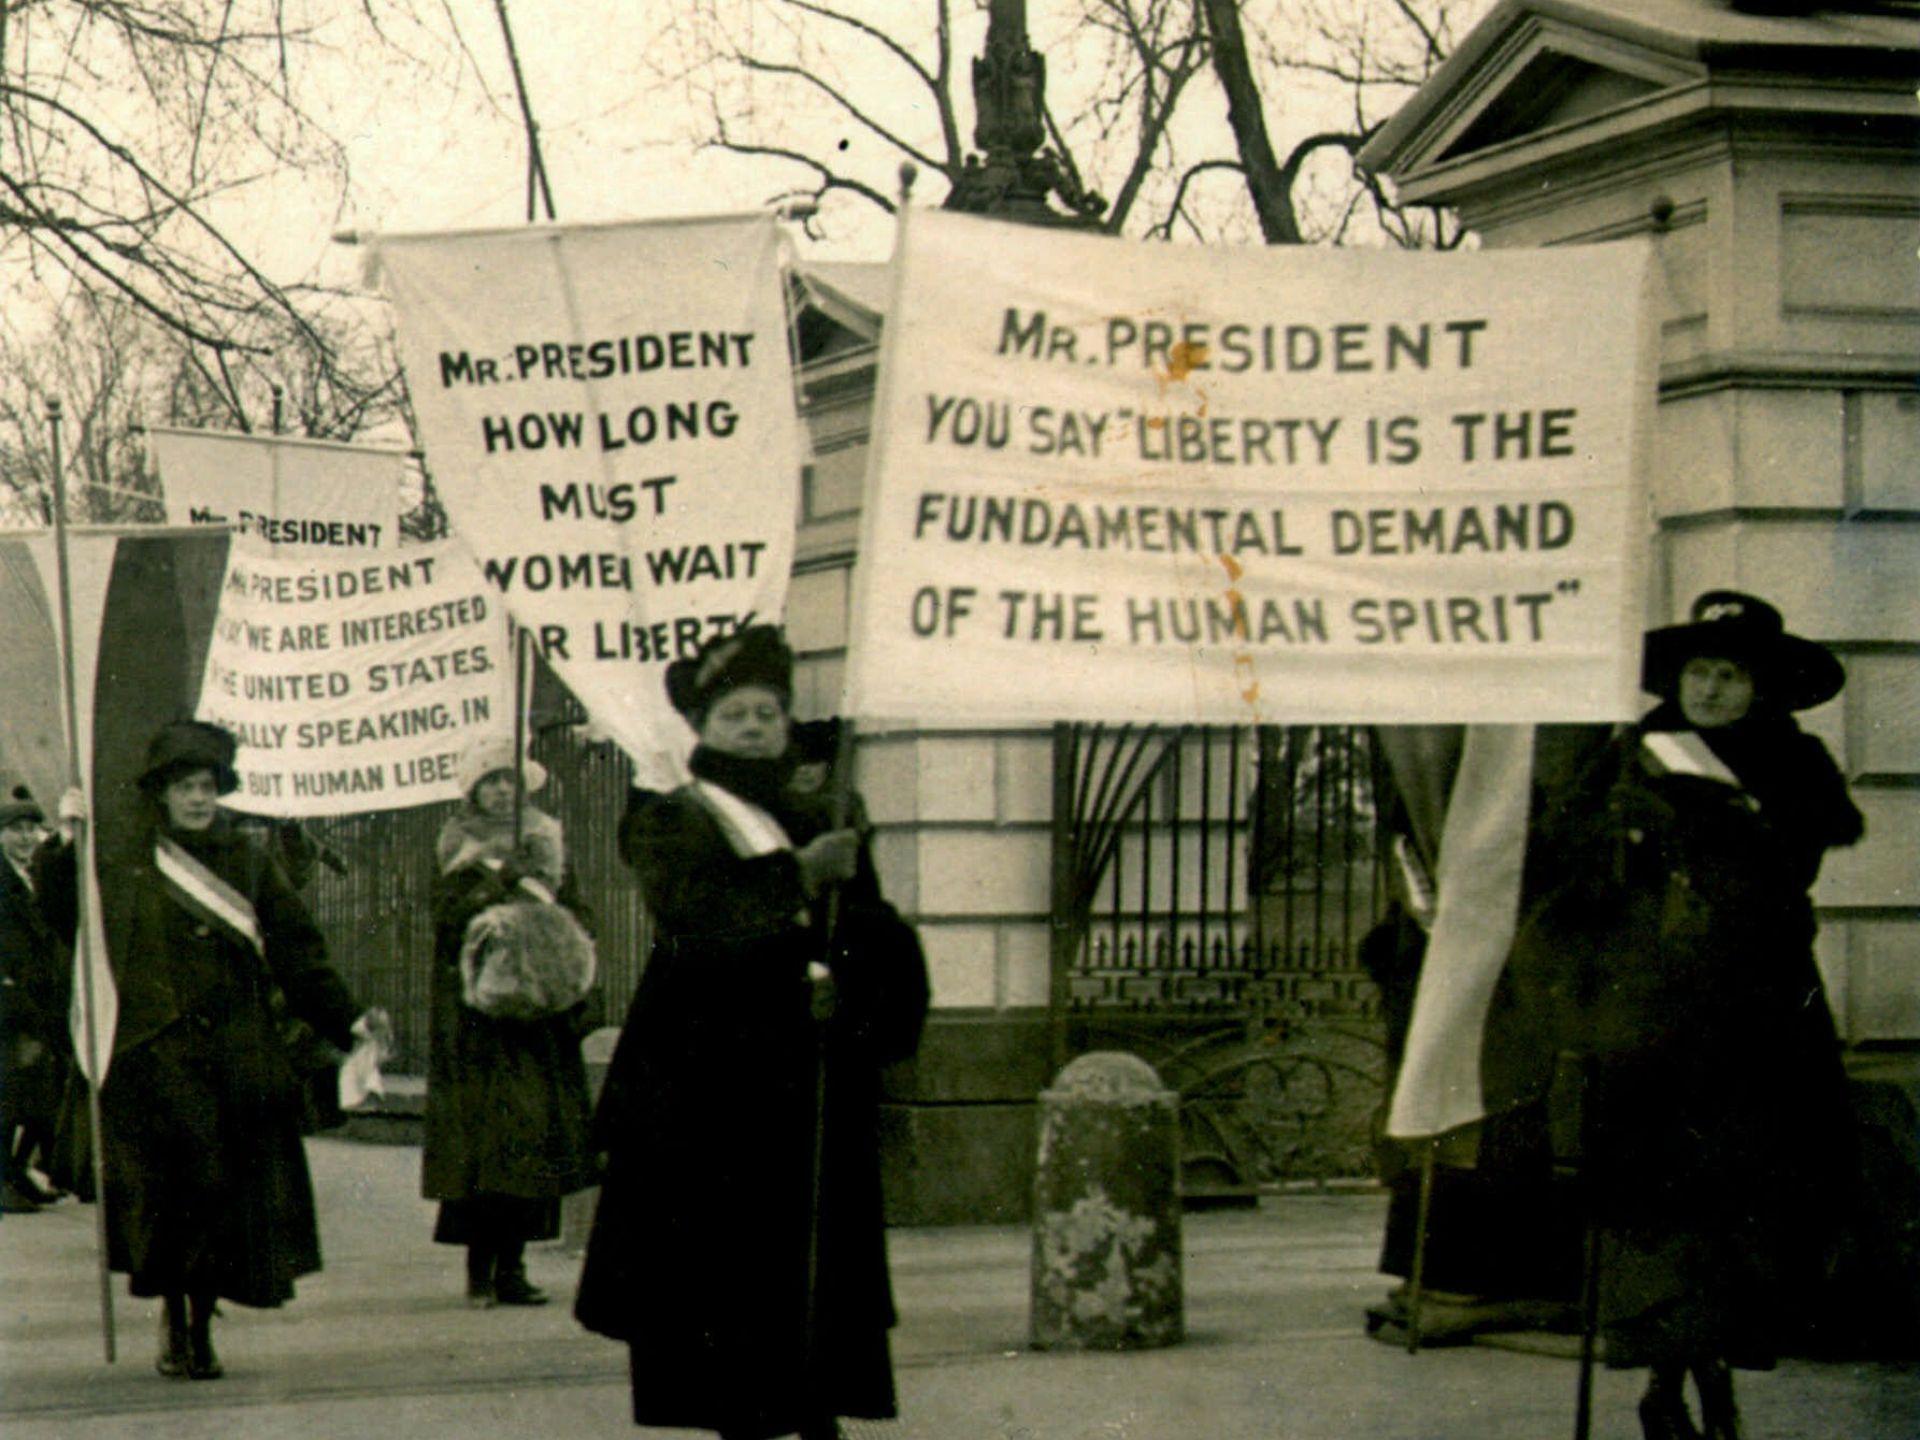 當時爭取權益的女性們,高舉訴求的布條。取自網路